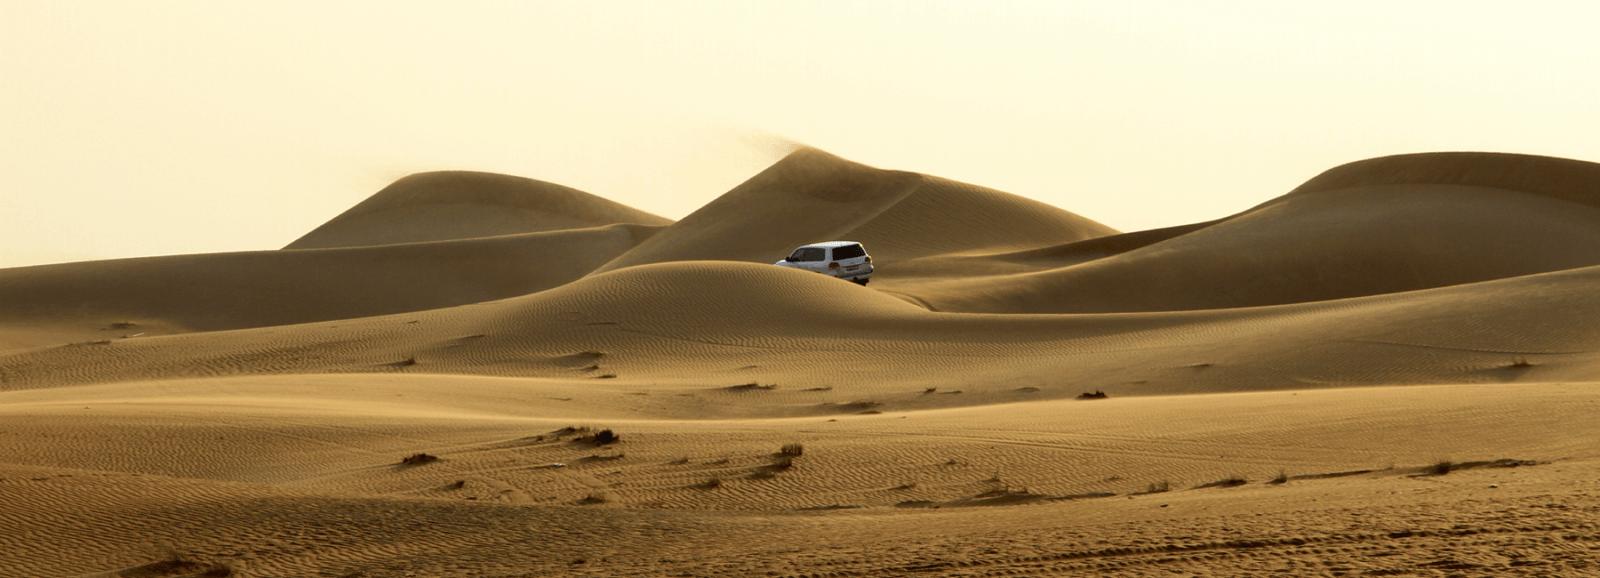 Desert Tour Dubai Dune Barshing